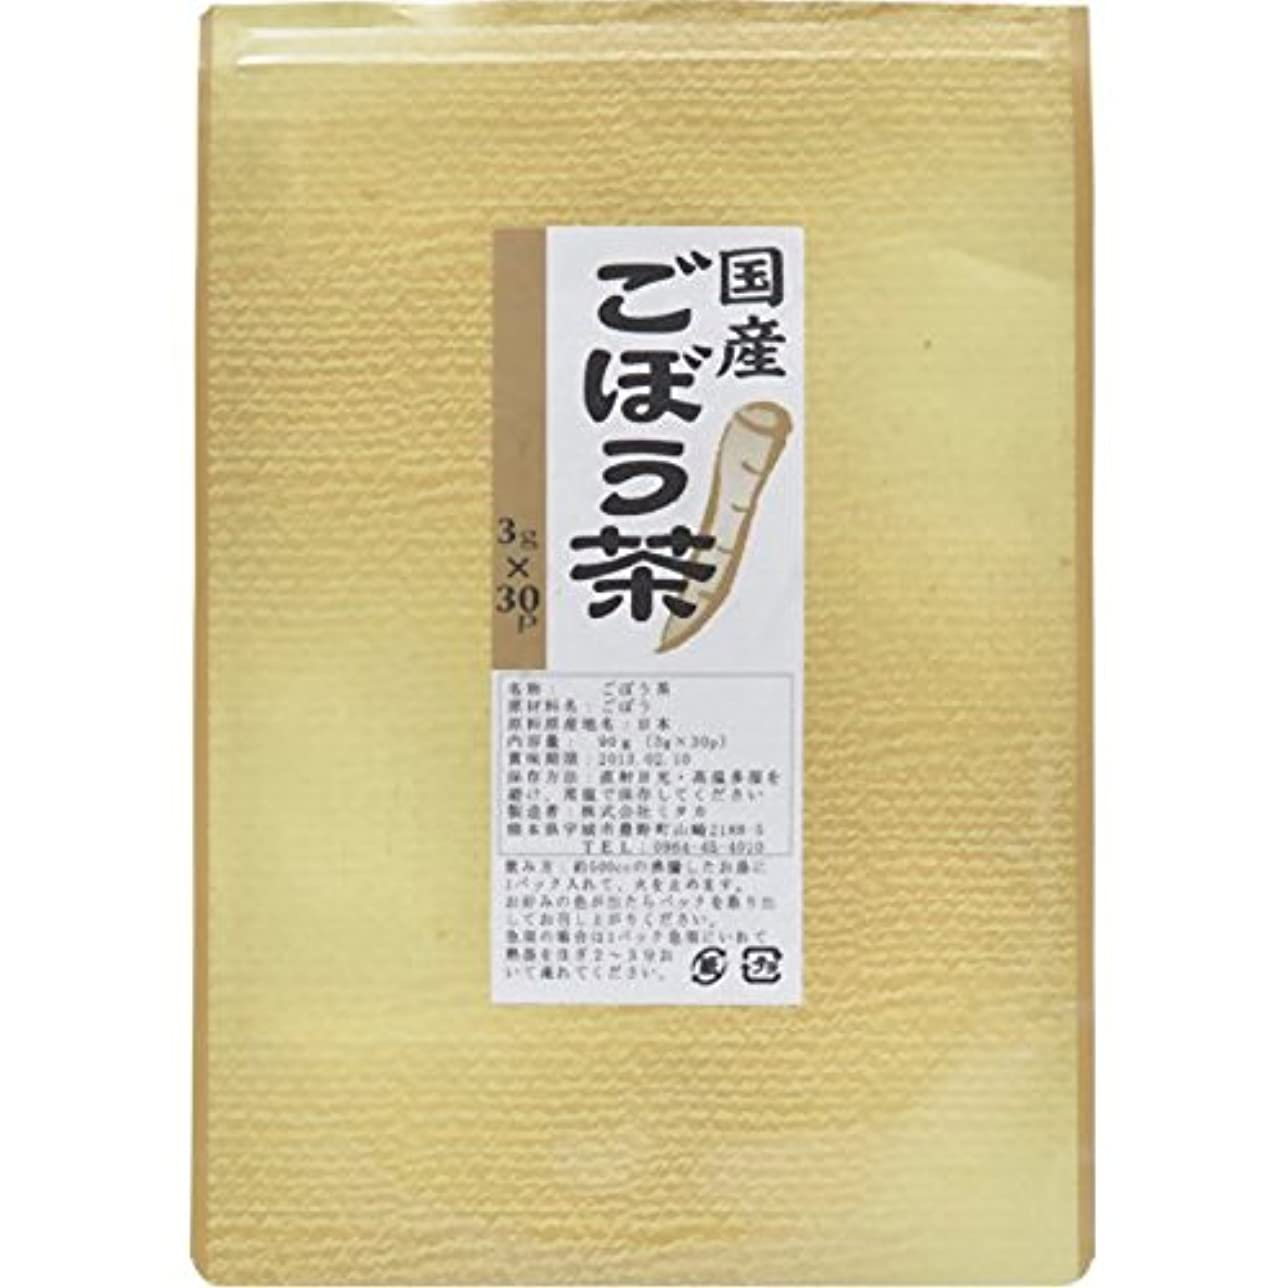 現象腐った安価な国産ごぼう茶ティーパック 3gX30包